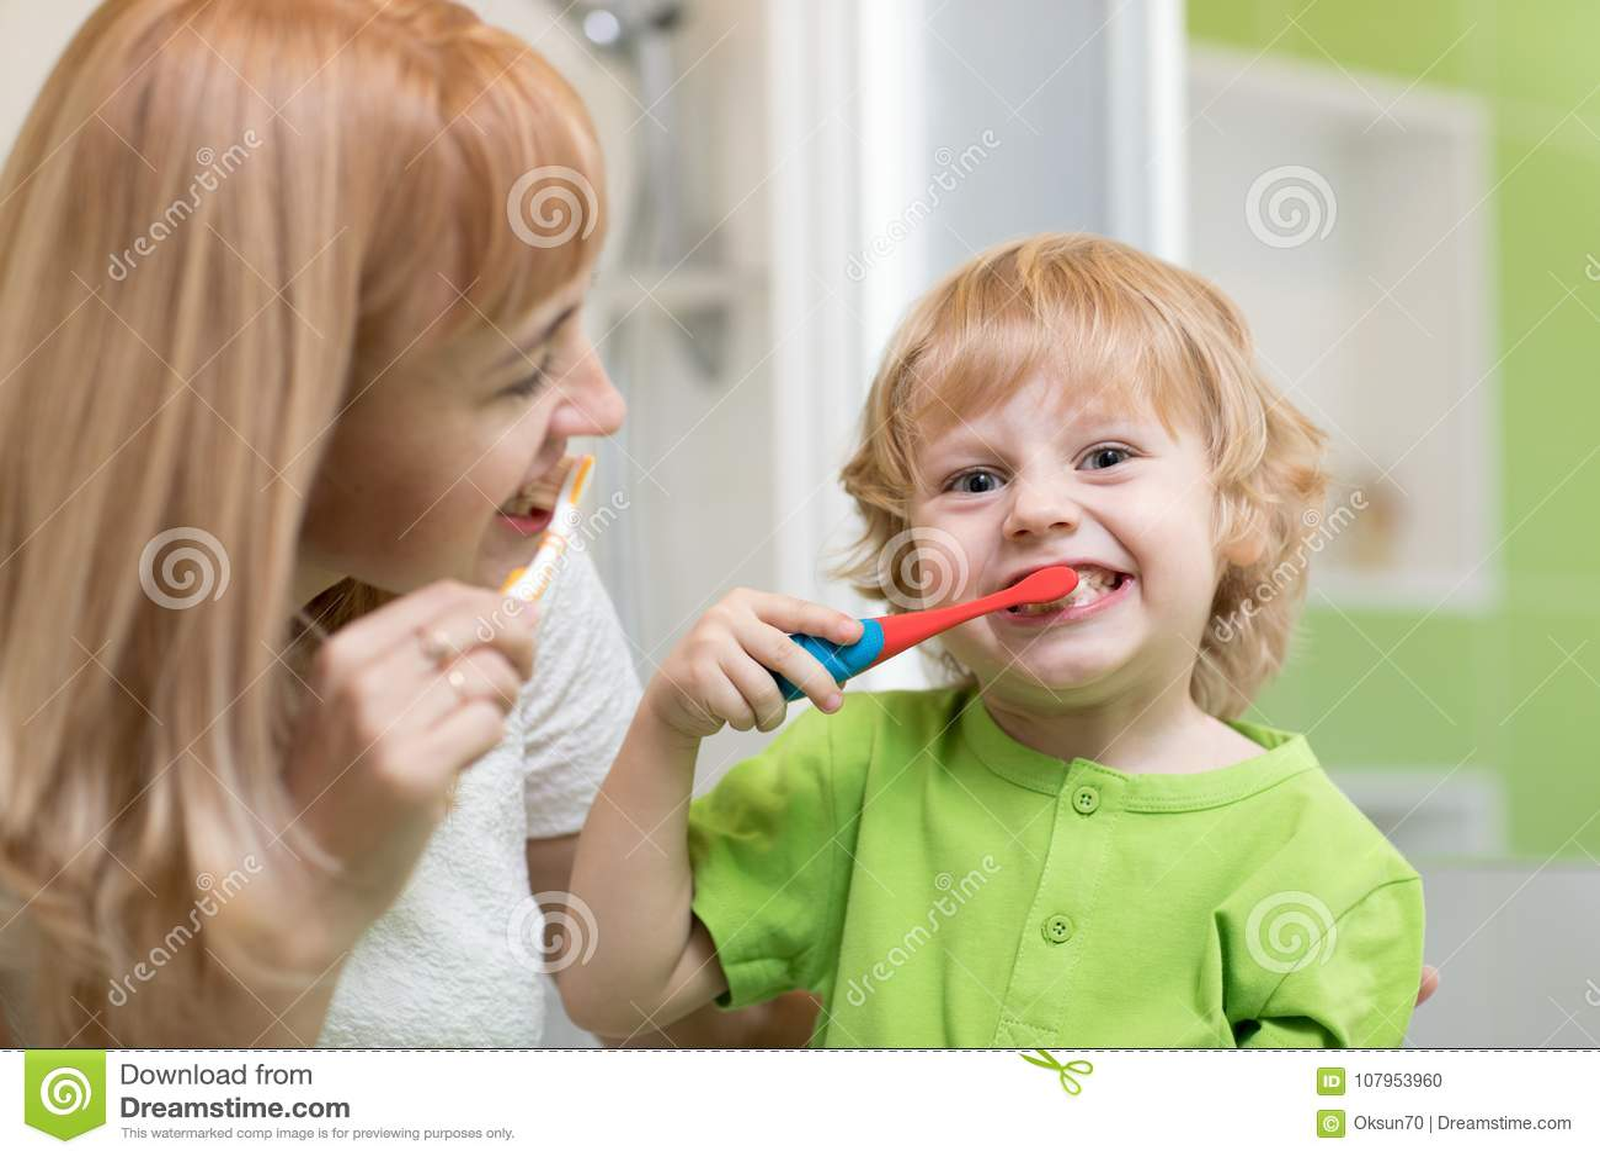 A mãe ensina a seu filho pequeno como escovar os dentes